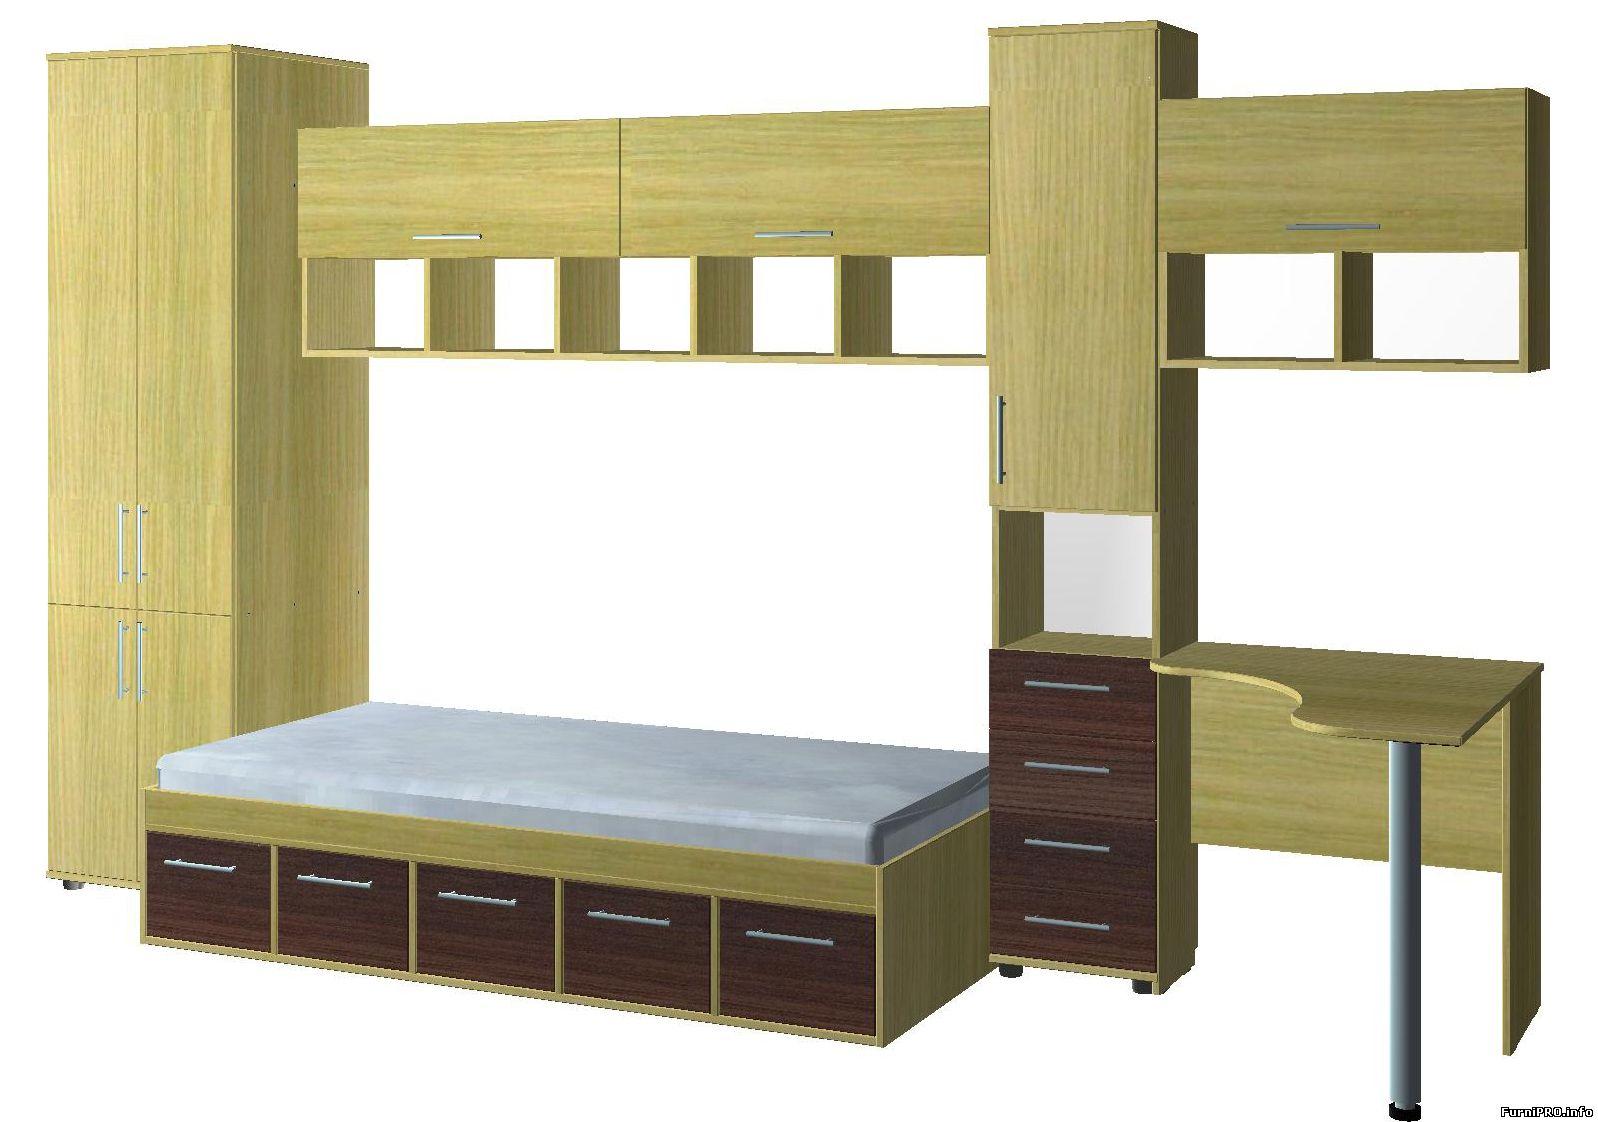 Стенка в детскую — 3d модель — Woody — Библиотека моделей мебели — Скачать модели чертежи мебели и фурни